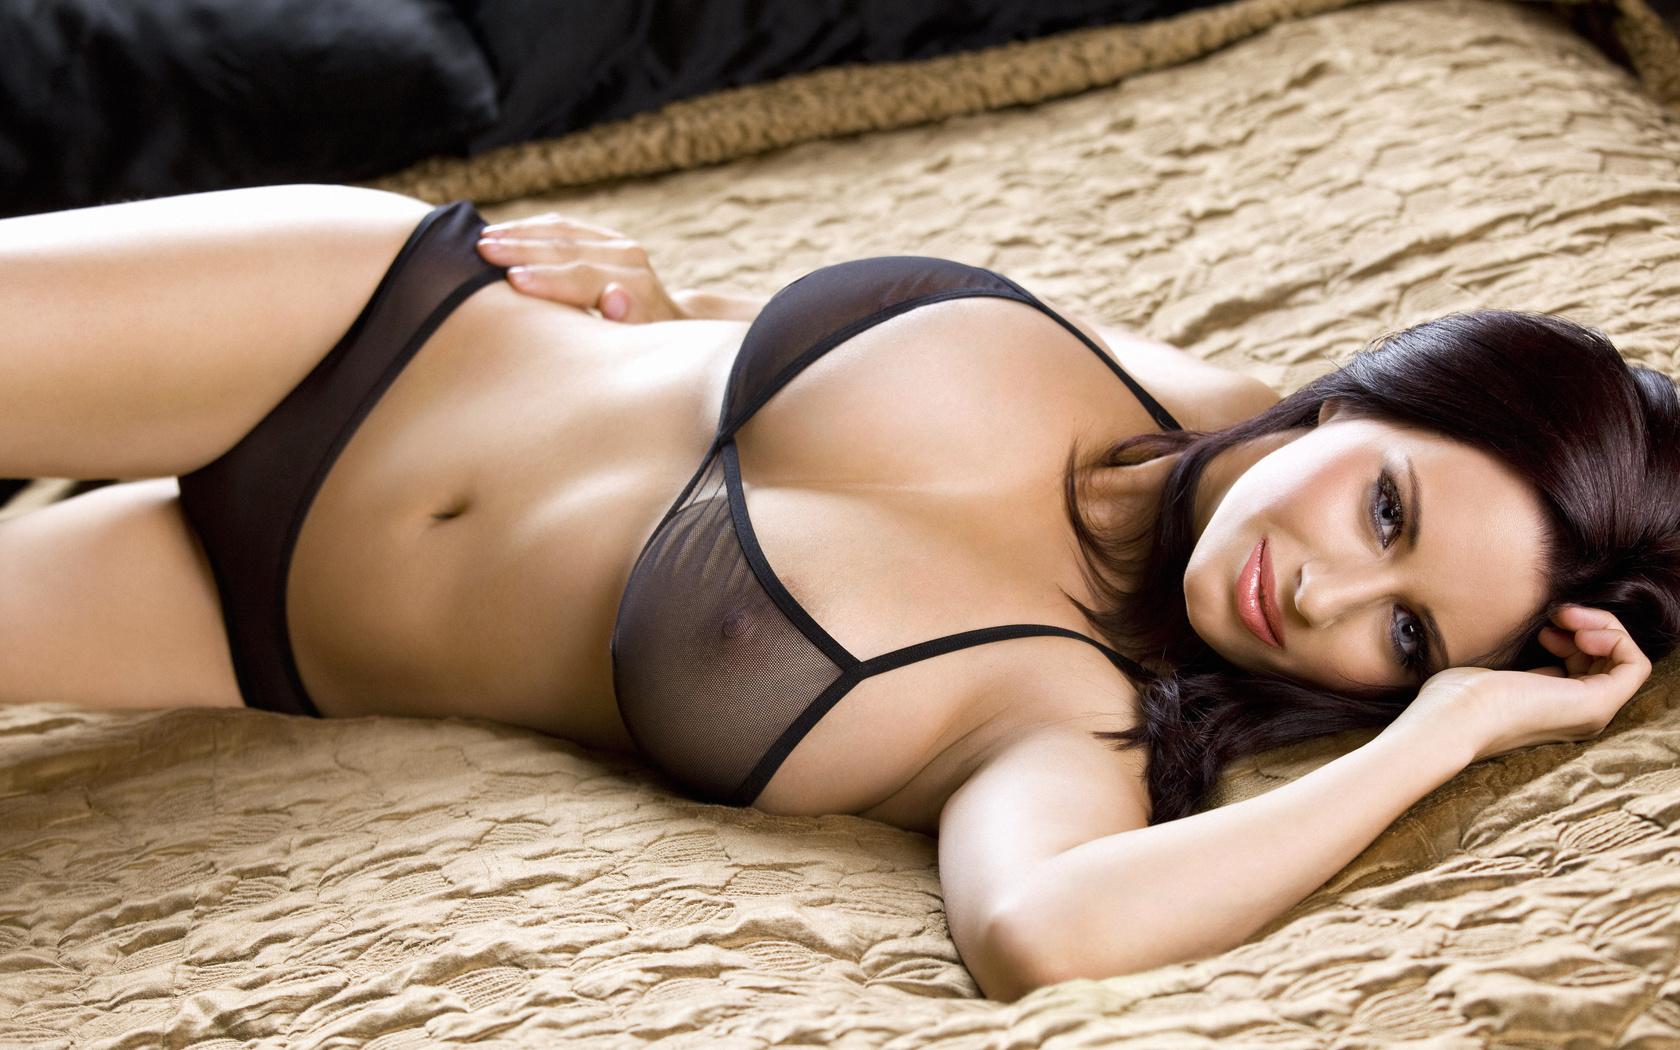 Сэкс с супер телкой, Красивые тёлки порно видео на 24 фотография